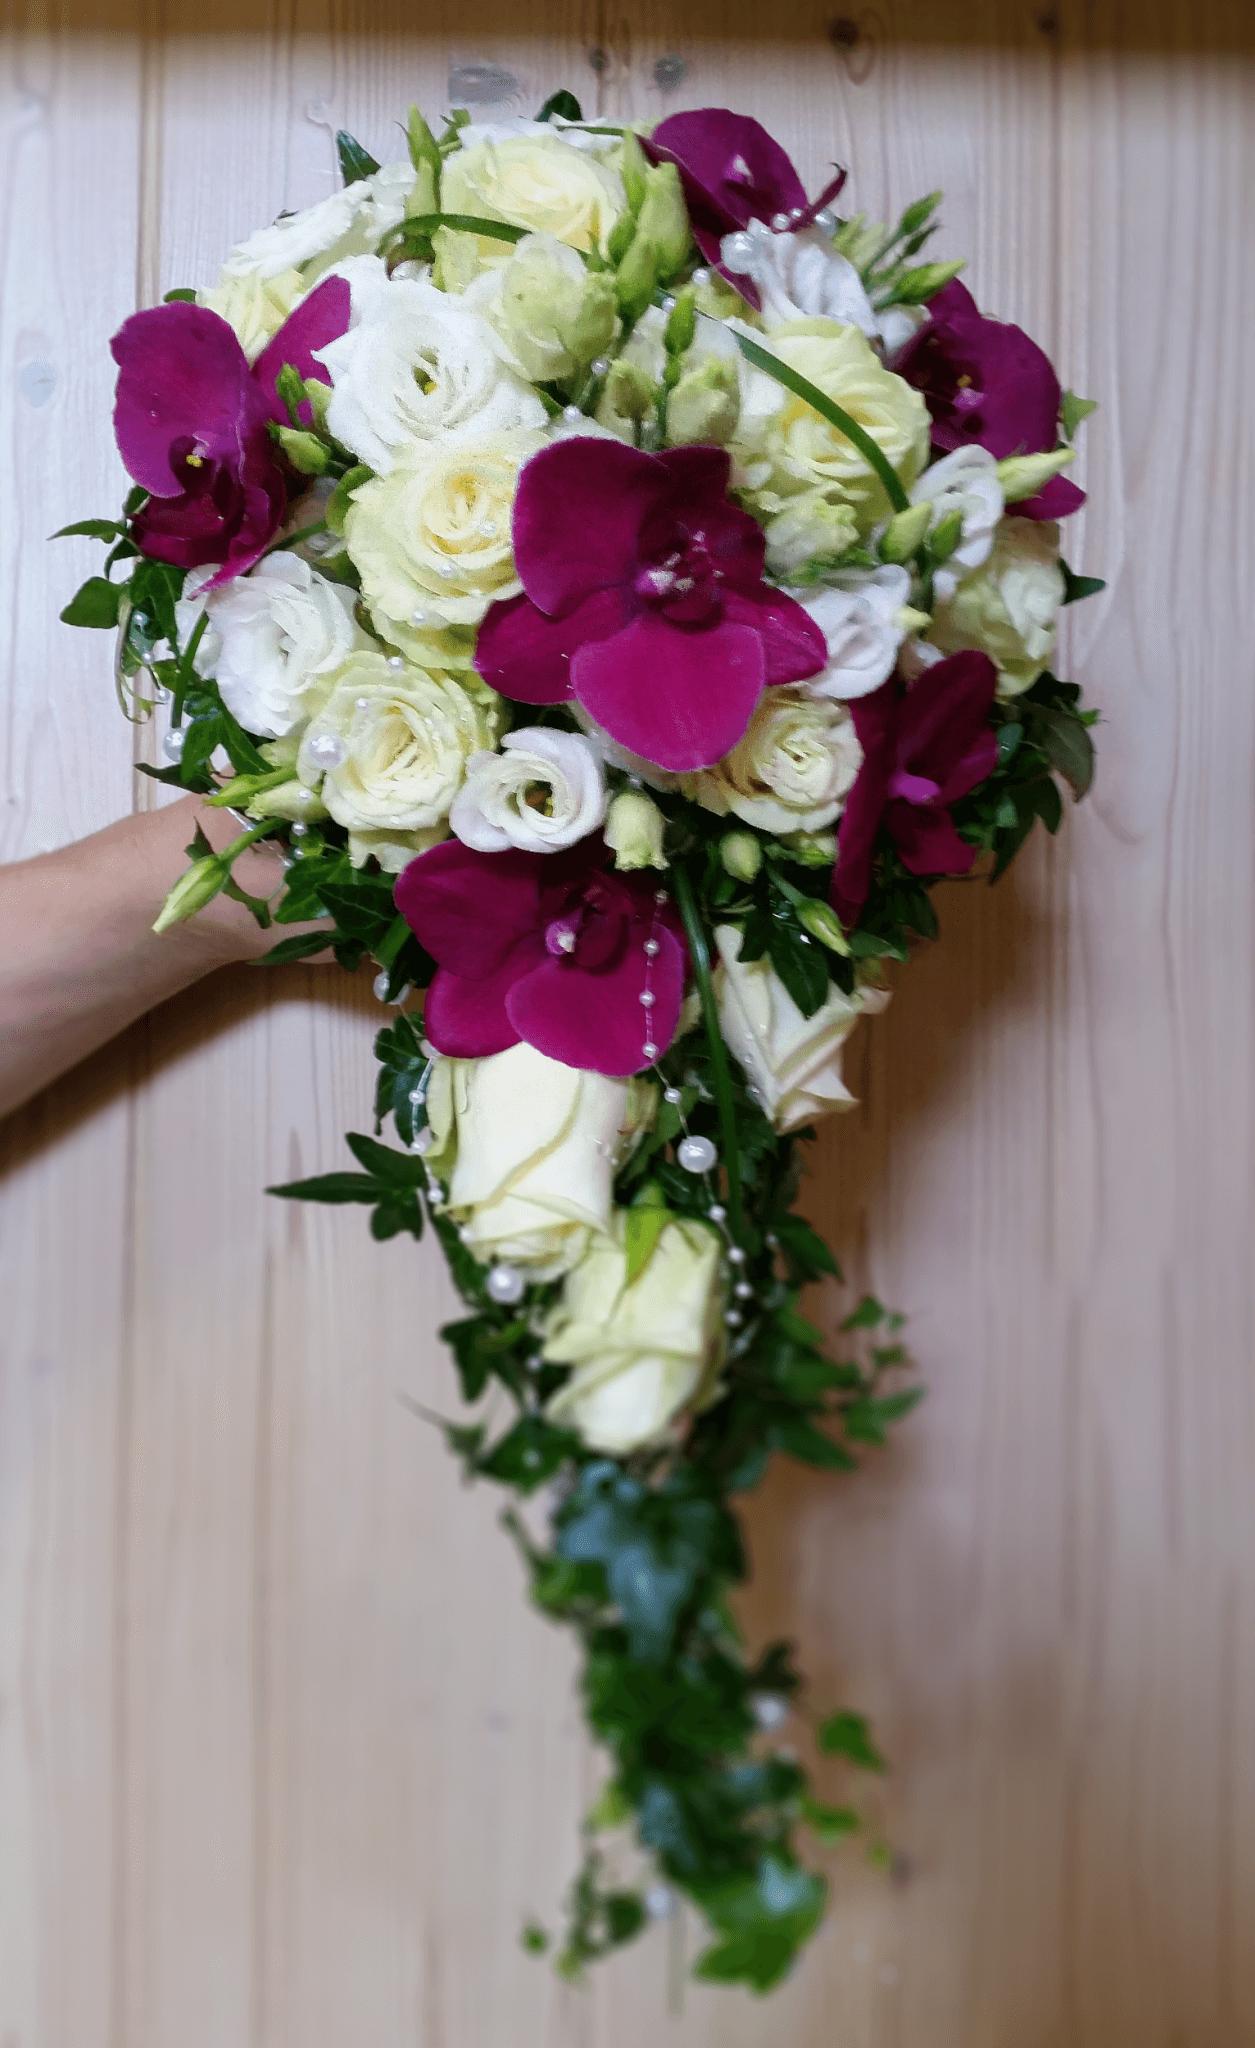 Hochzeit Blumen Fur Ihre Traumhochzeit Blumenhaus Wartner In Regen